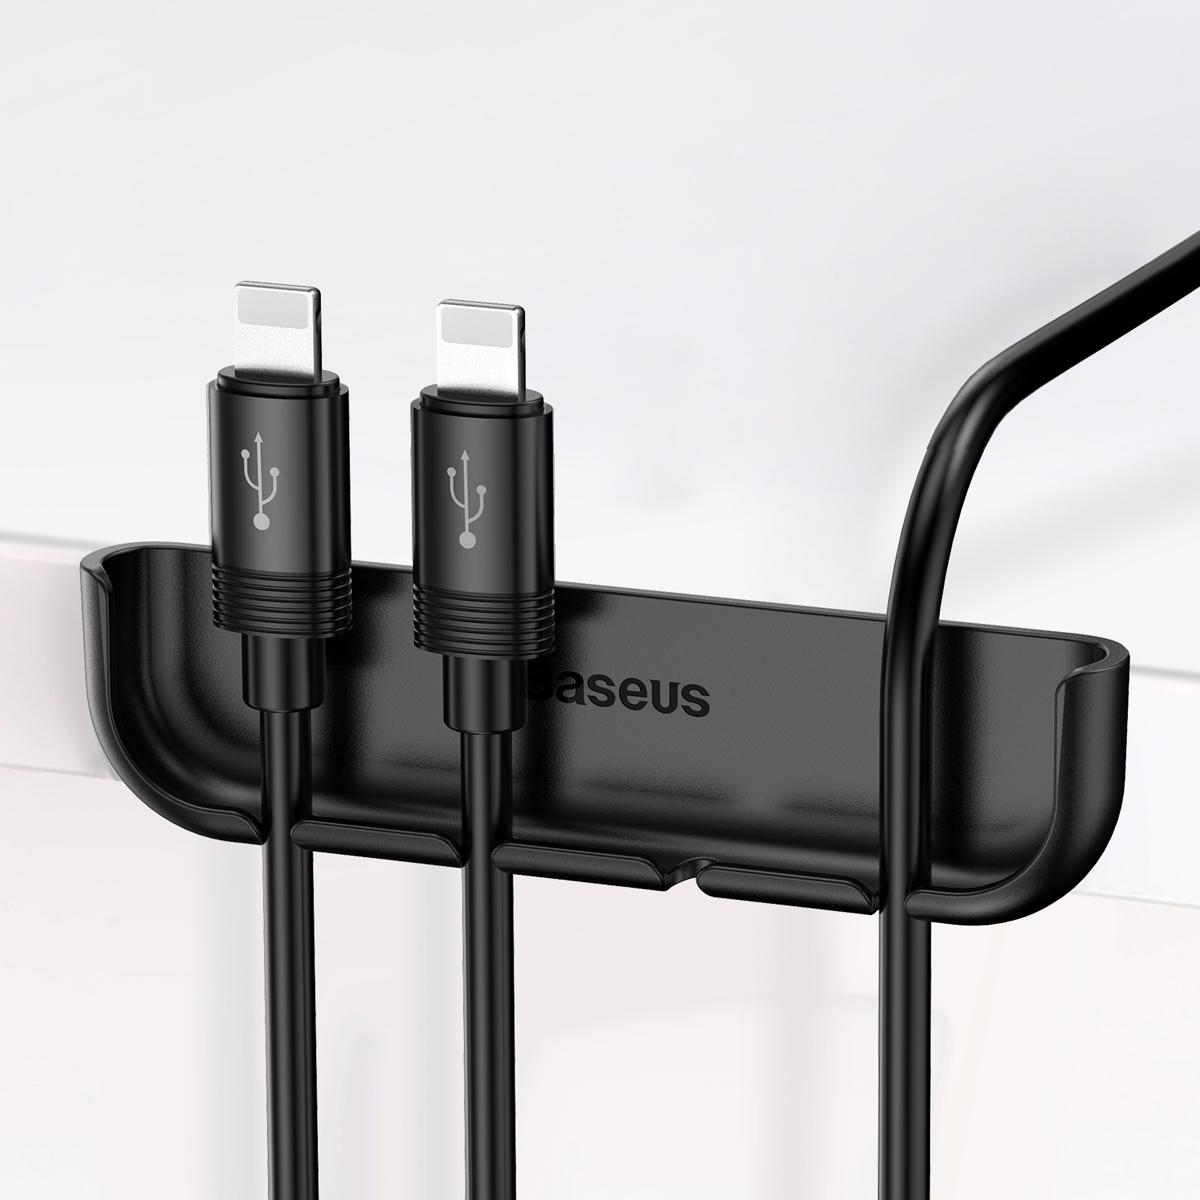 Fijación de cables Baseus y accesorios de pasta de película de vidrio templado para iphone Xr Xs Max tool Instalación fácil y rápida